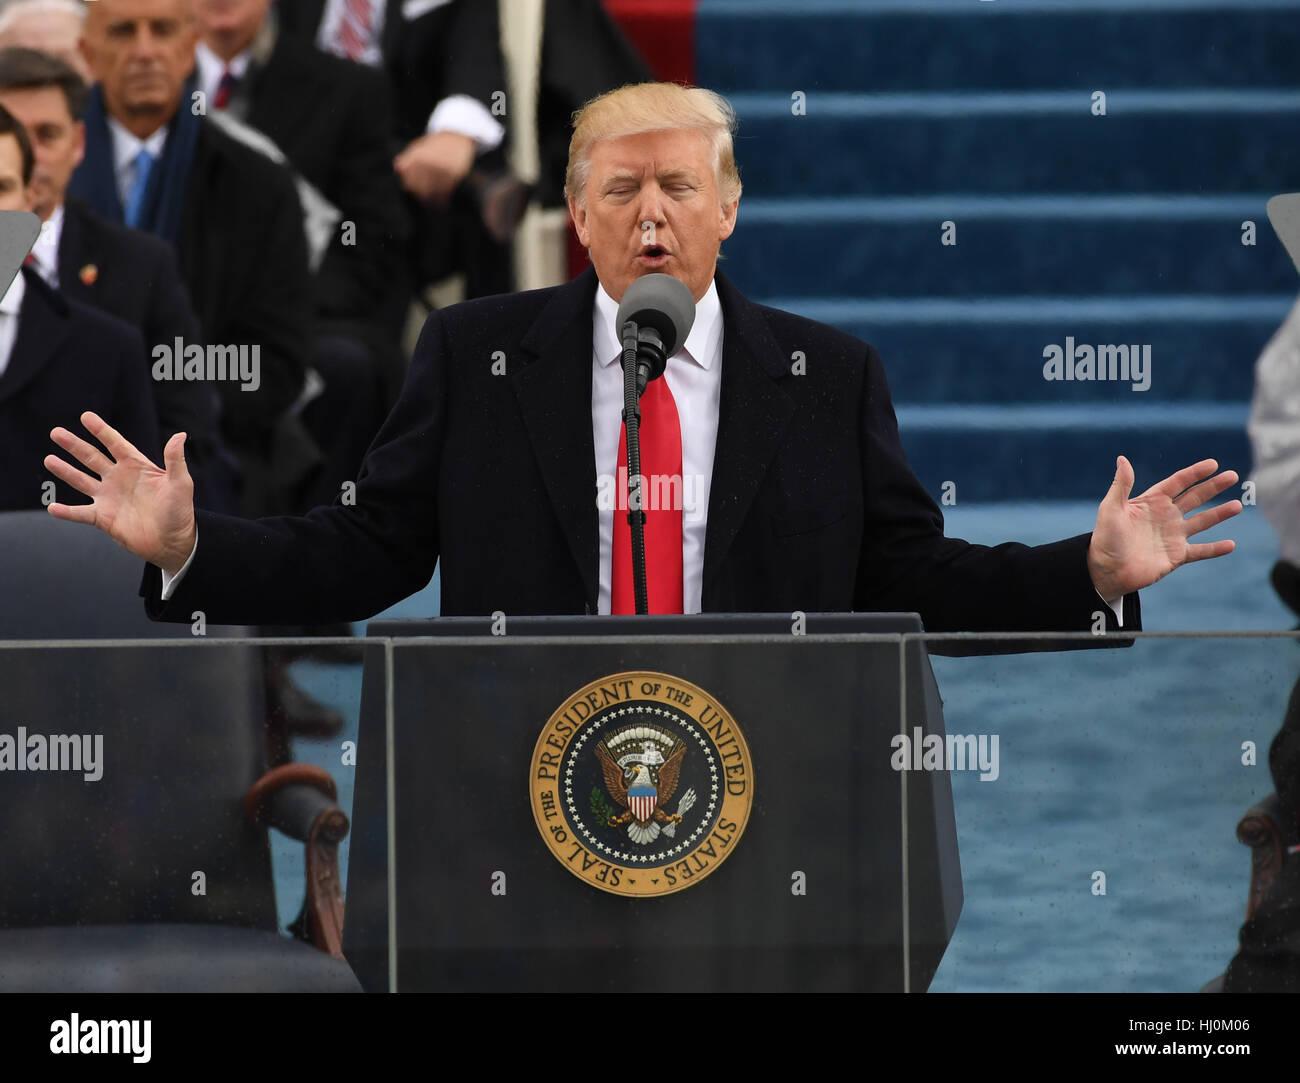 Presidente Donald Trump offre il suo discorso inaugurale alla inaugurazione il 20 gennaio 2017 a Washington, DC Immagini Stock